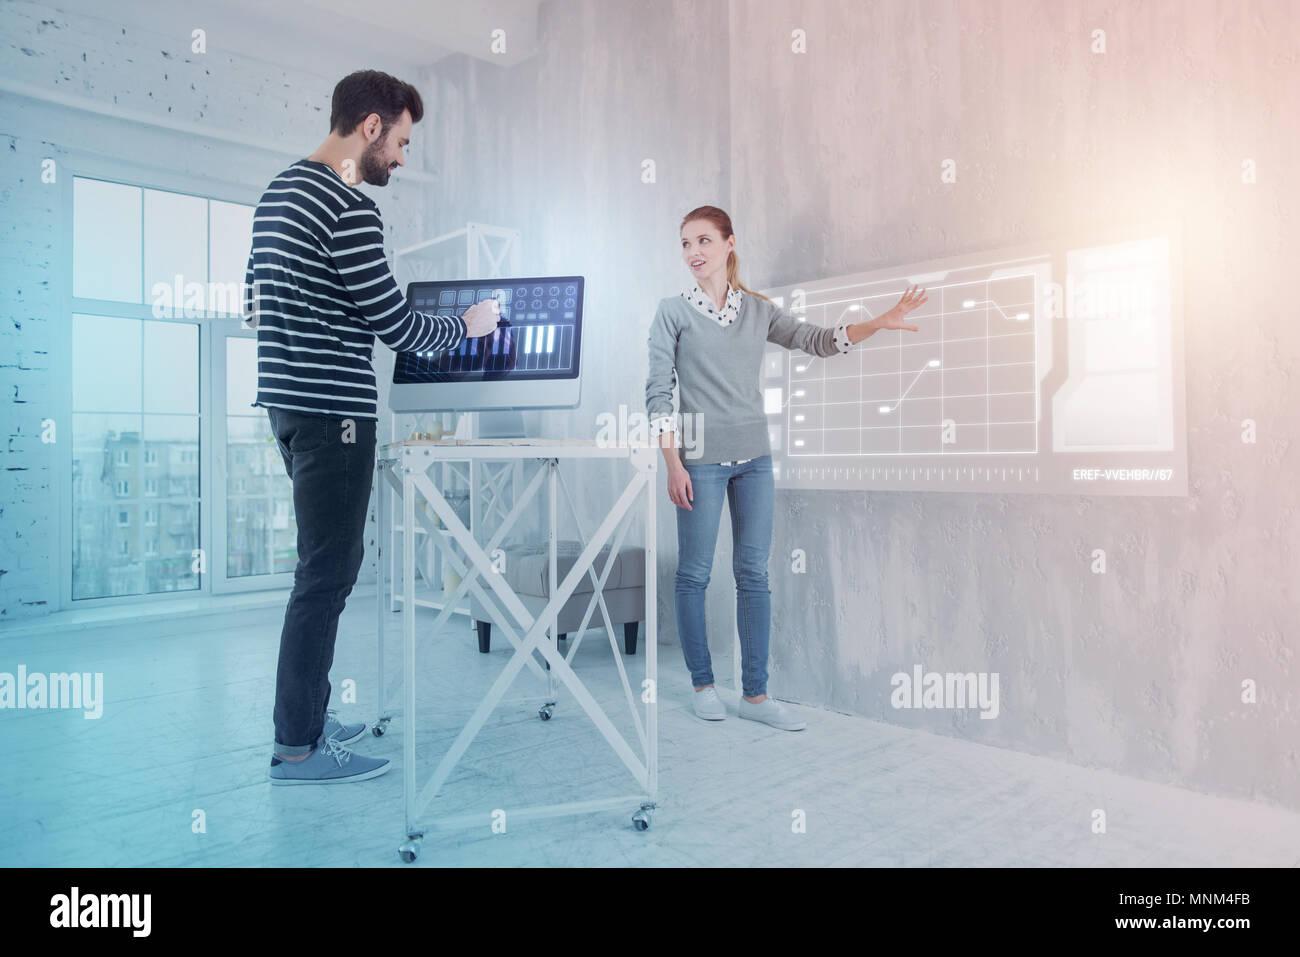 Los desarrolladores de software buscando interesados mientras trabajan juntos Imagen De Stock